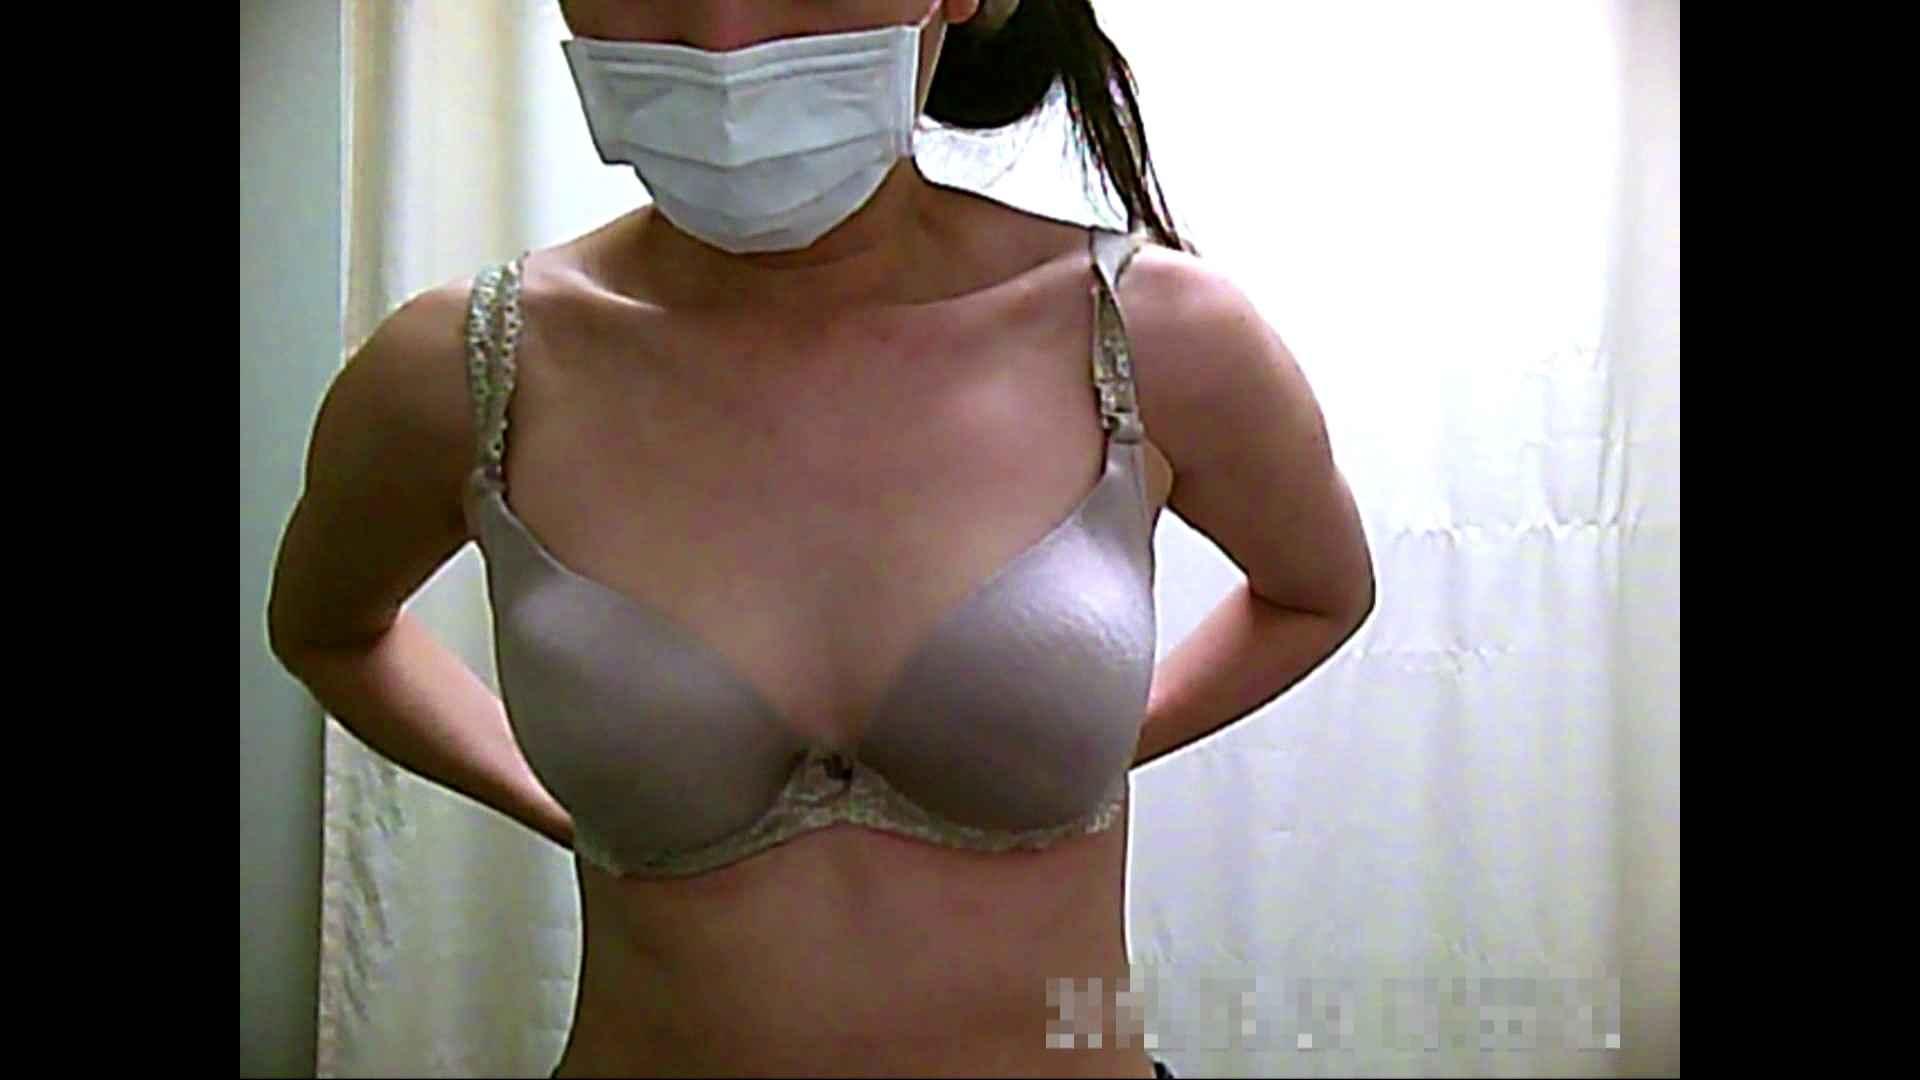 元医者による反抗 更衣室地獄絵巻 vol.010 ギャル  97PIX 4